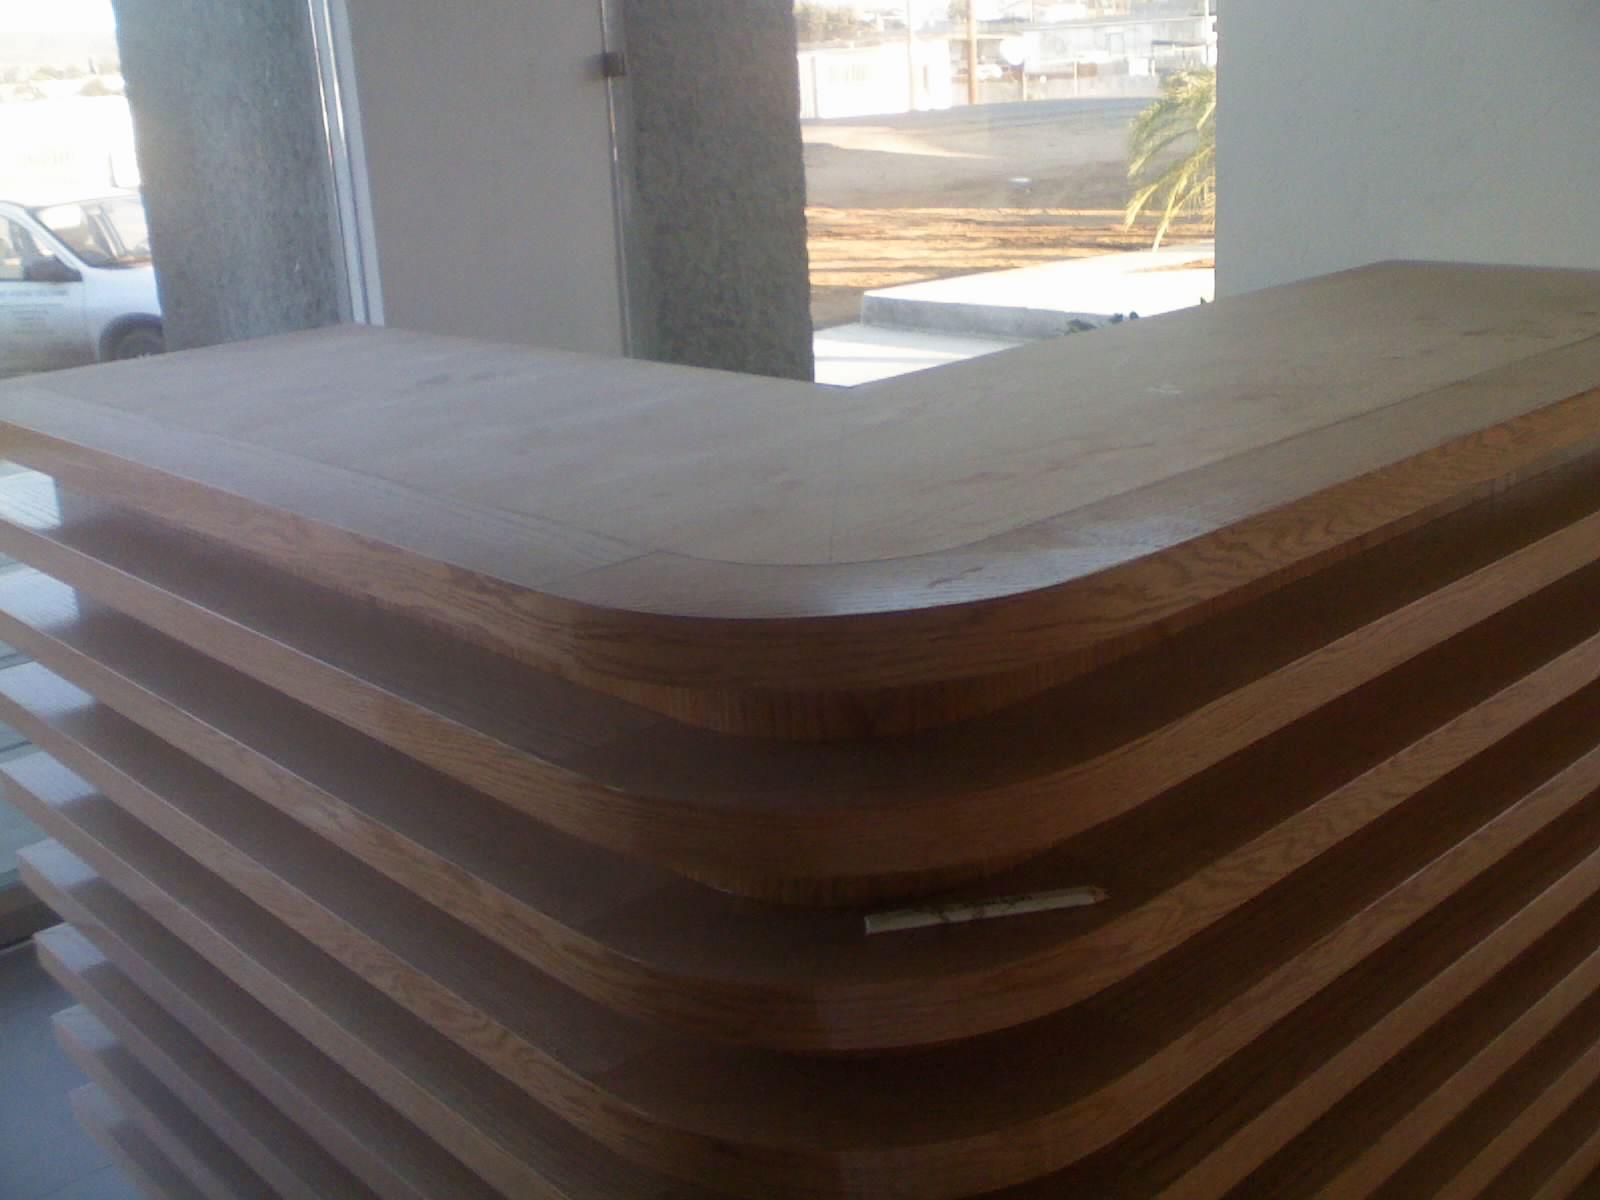 Fabrica de granito y piedra barras modernas y elegantes for Fabrica de granito